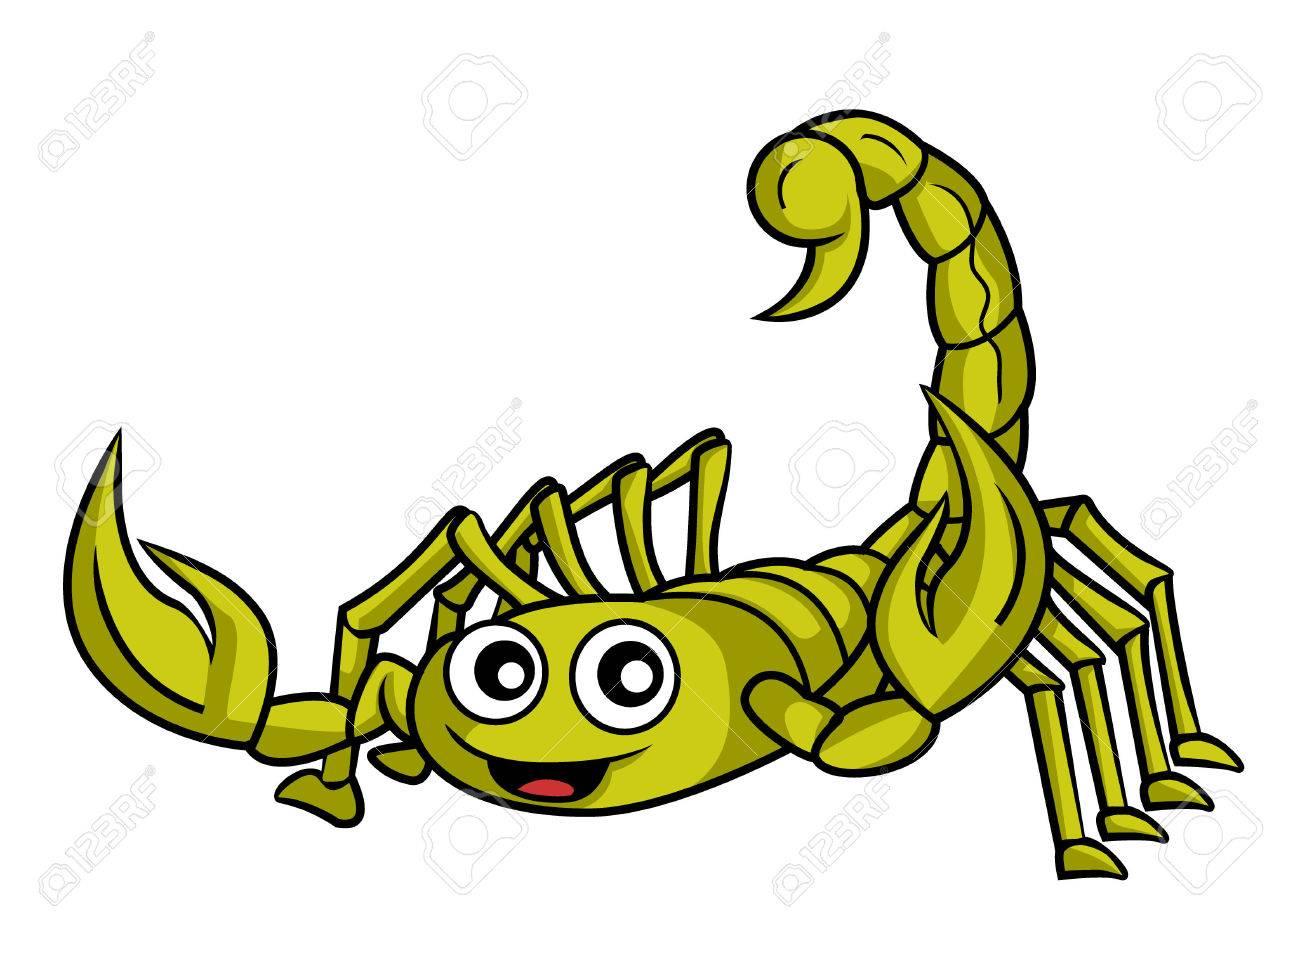 Изображения и рисунки скорпиона 6